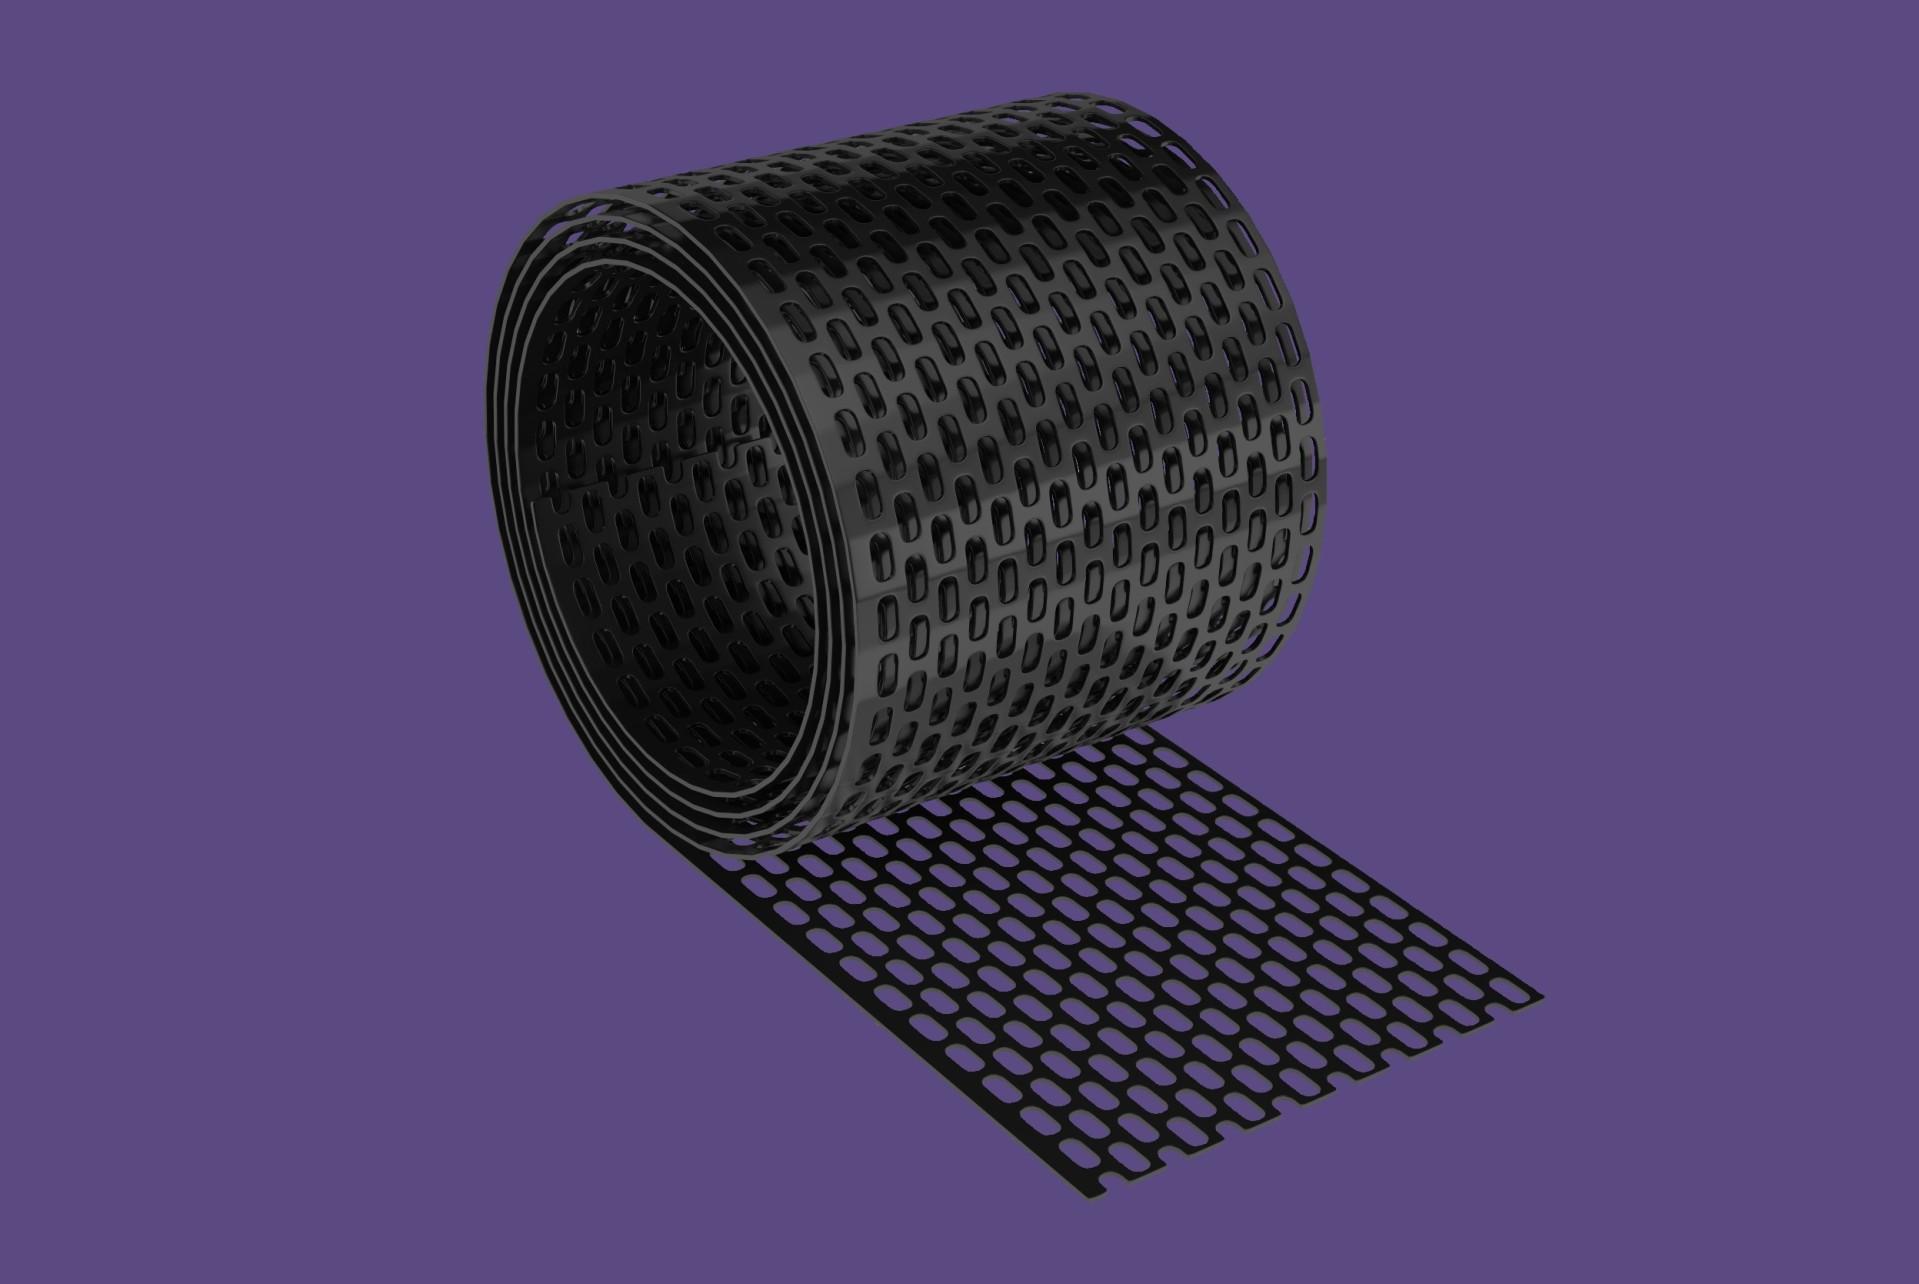 Cserép kieg. szellőző szalag PVC 10cmx5m / antracit BAUplaza Kft.